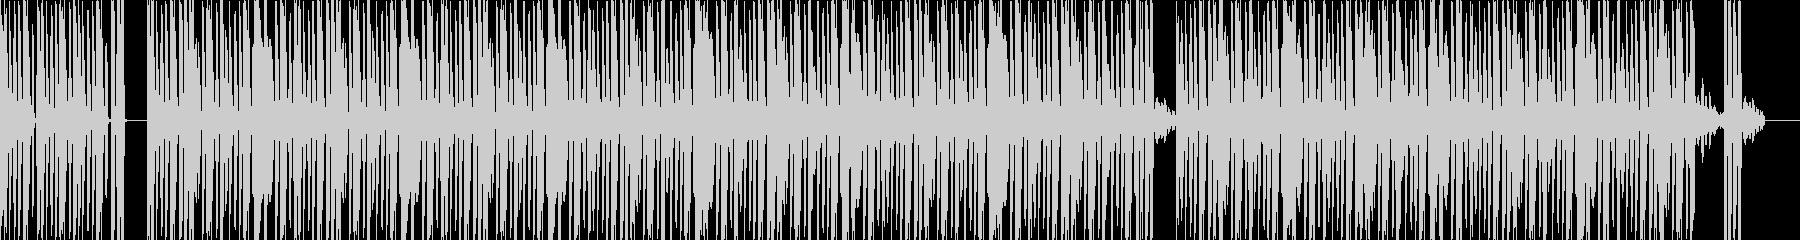 ライブ風の緊張感に引き込まれるビートの未再生の波形